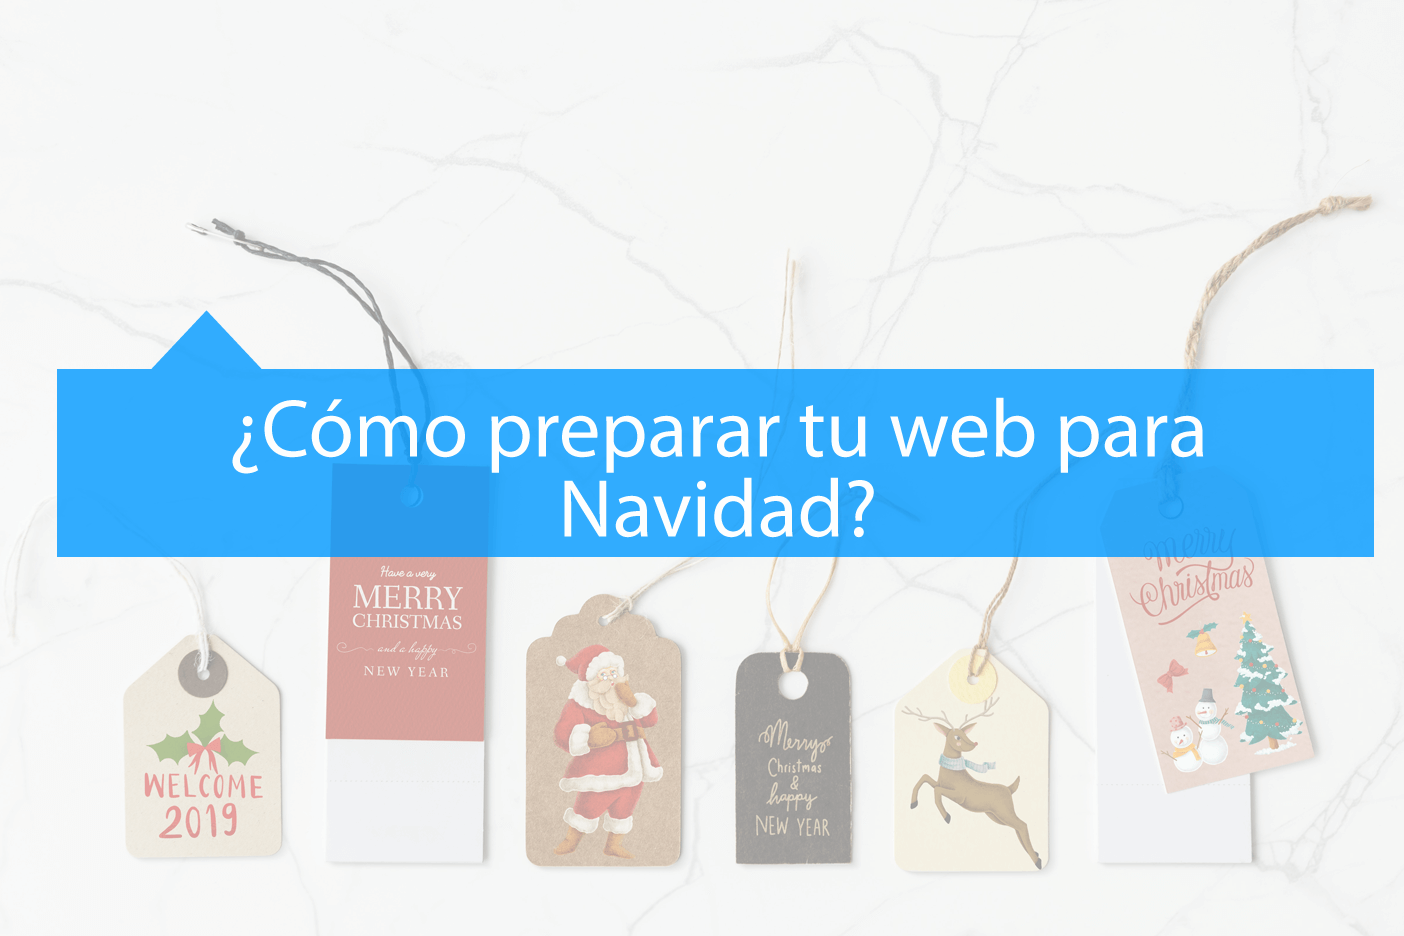 Preparar web para Navidad